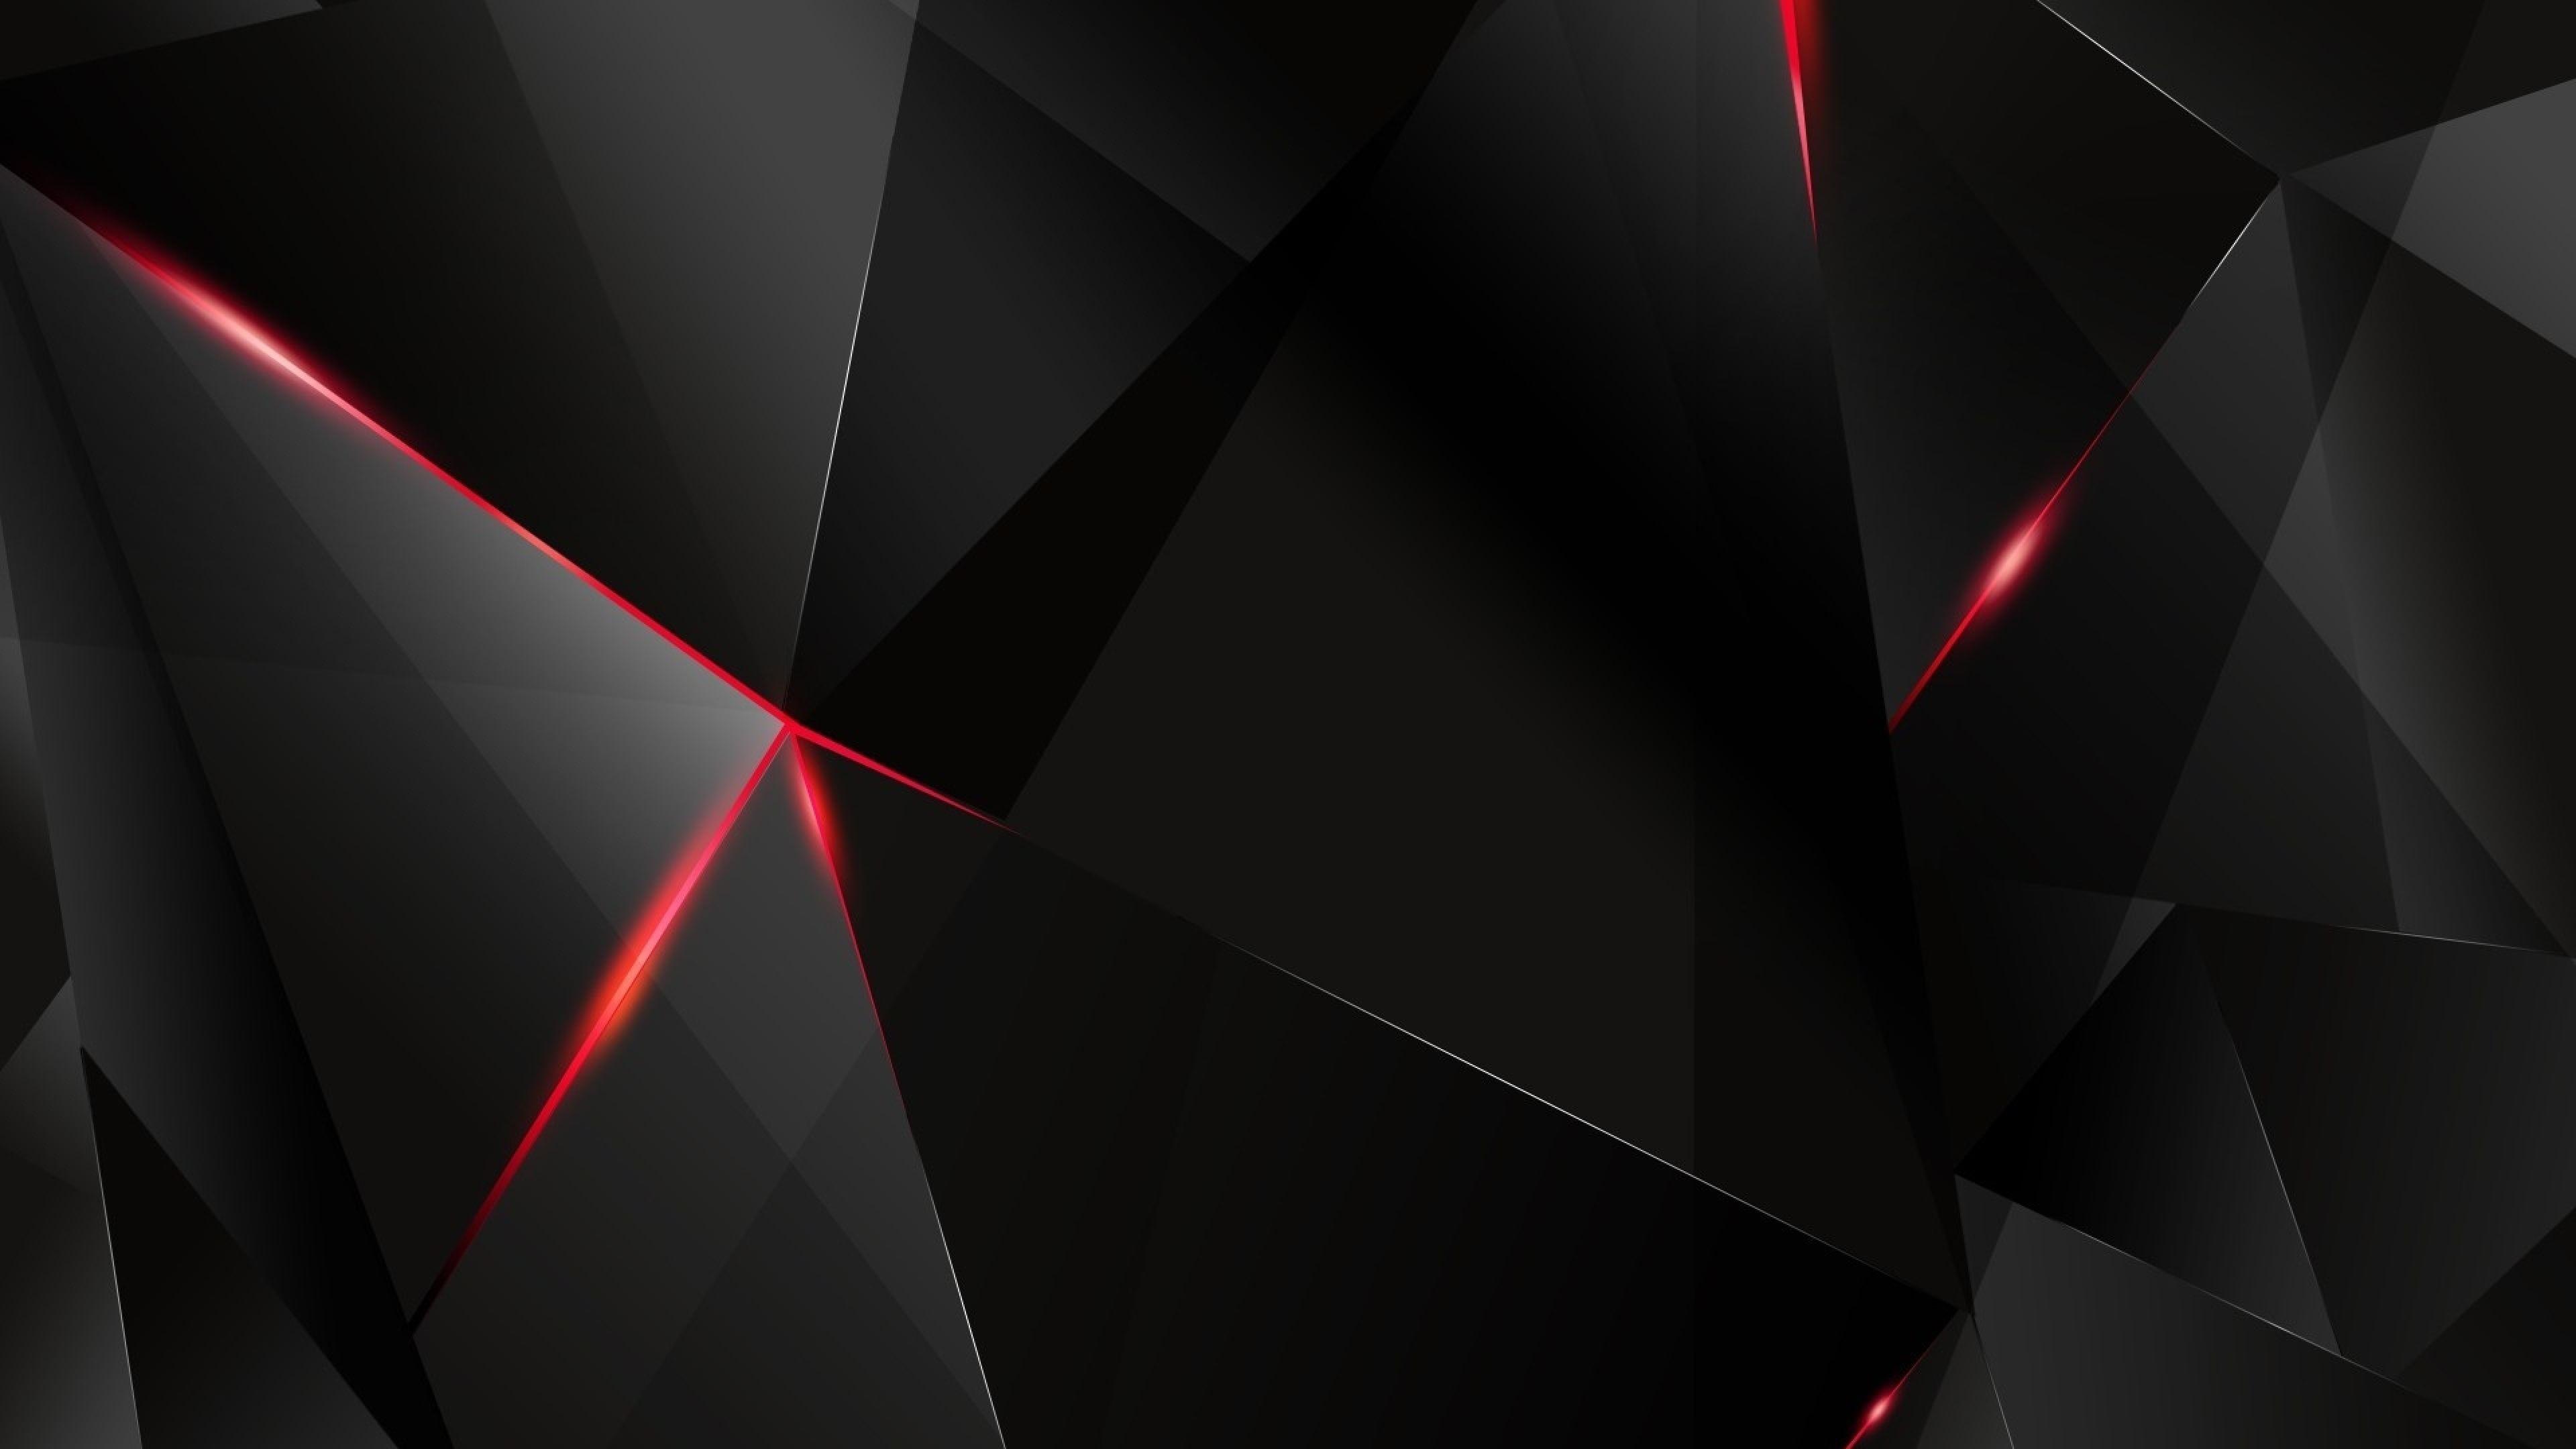 Download Wallpaper 3840x2160 Black, Light, Dark, Figures